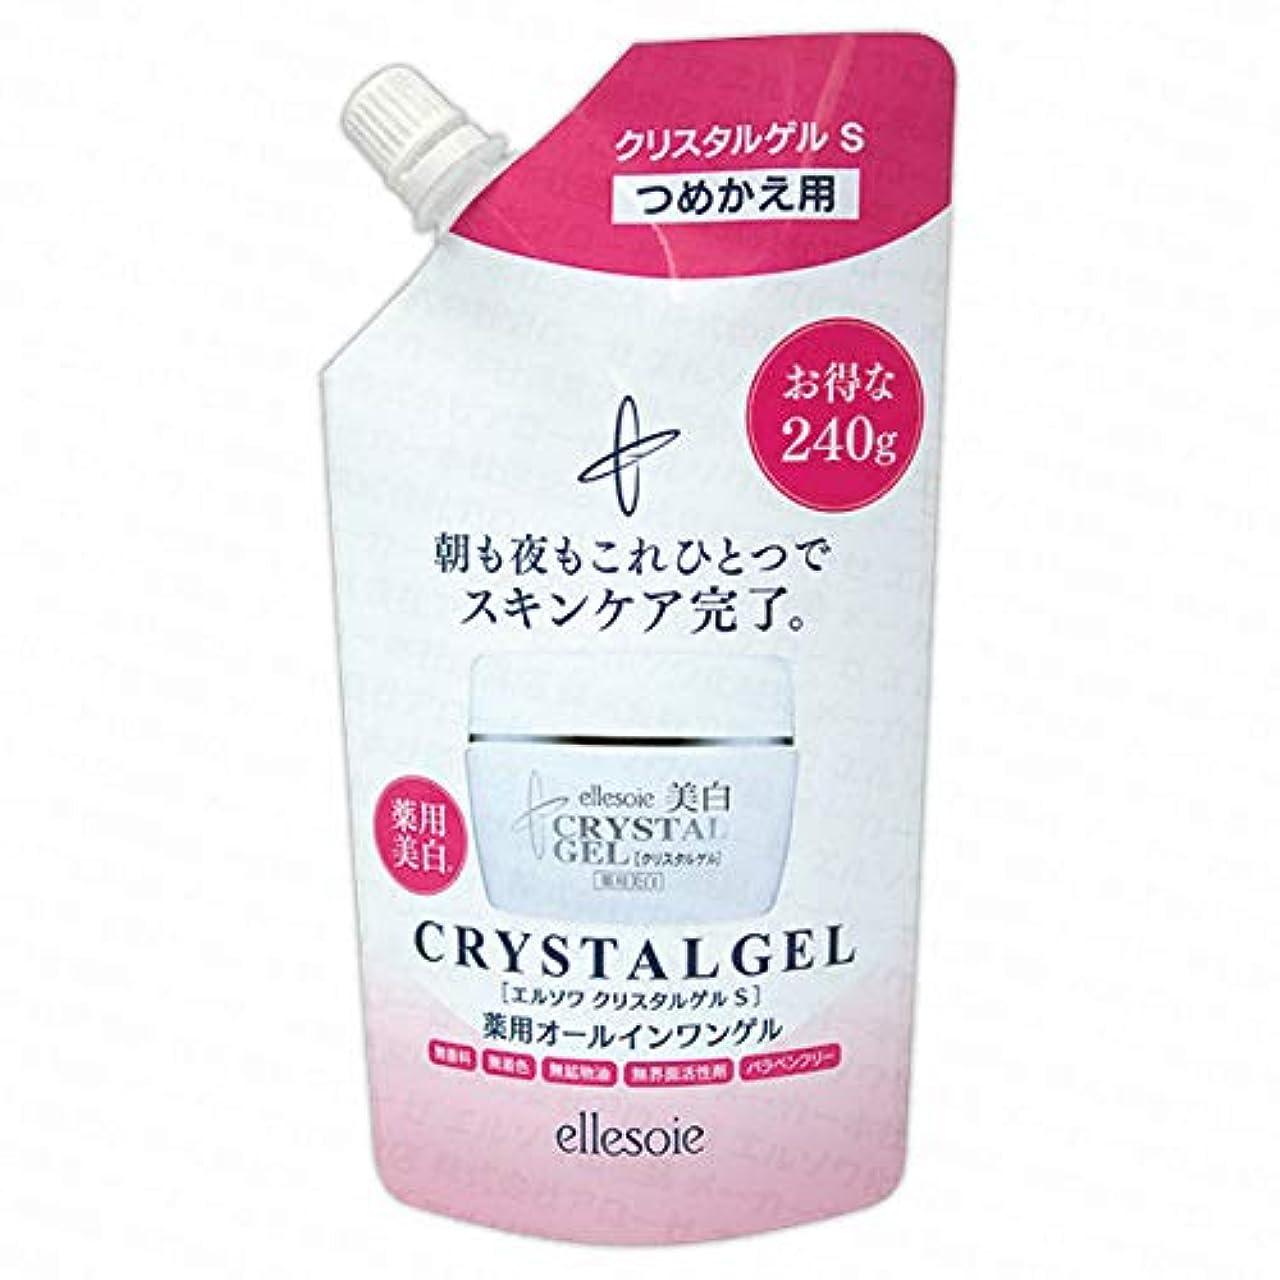 有罪気質支出エルソワ化粧品(ellesoie) クリスタルゲルS 薬用美白オールインワン (詰替用240g)